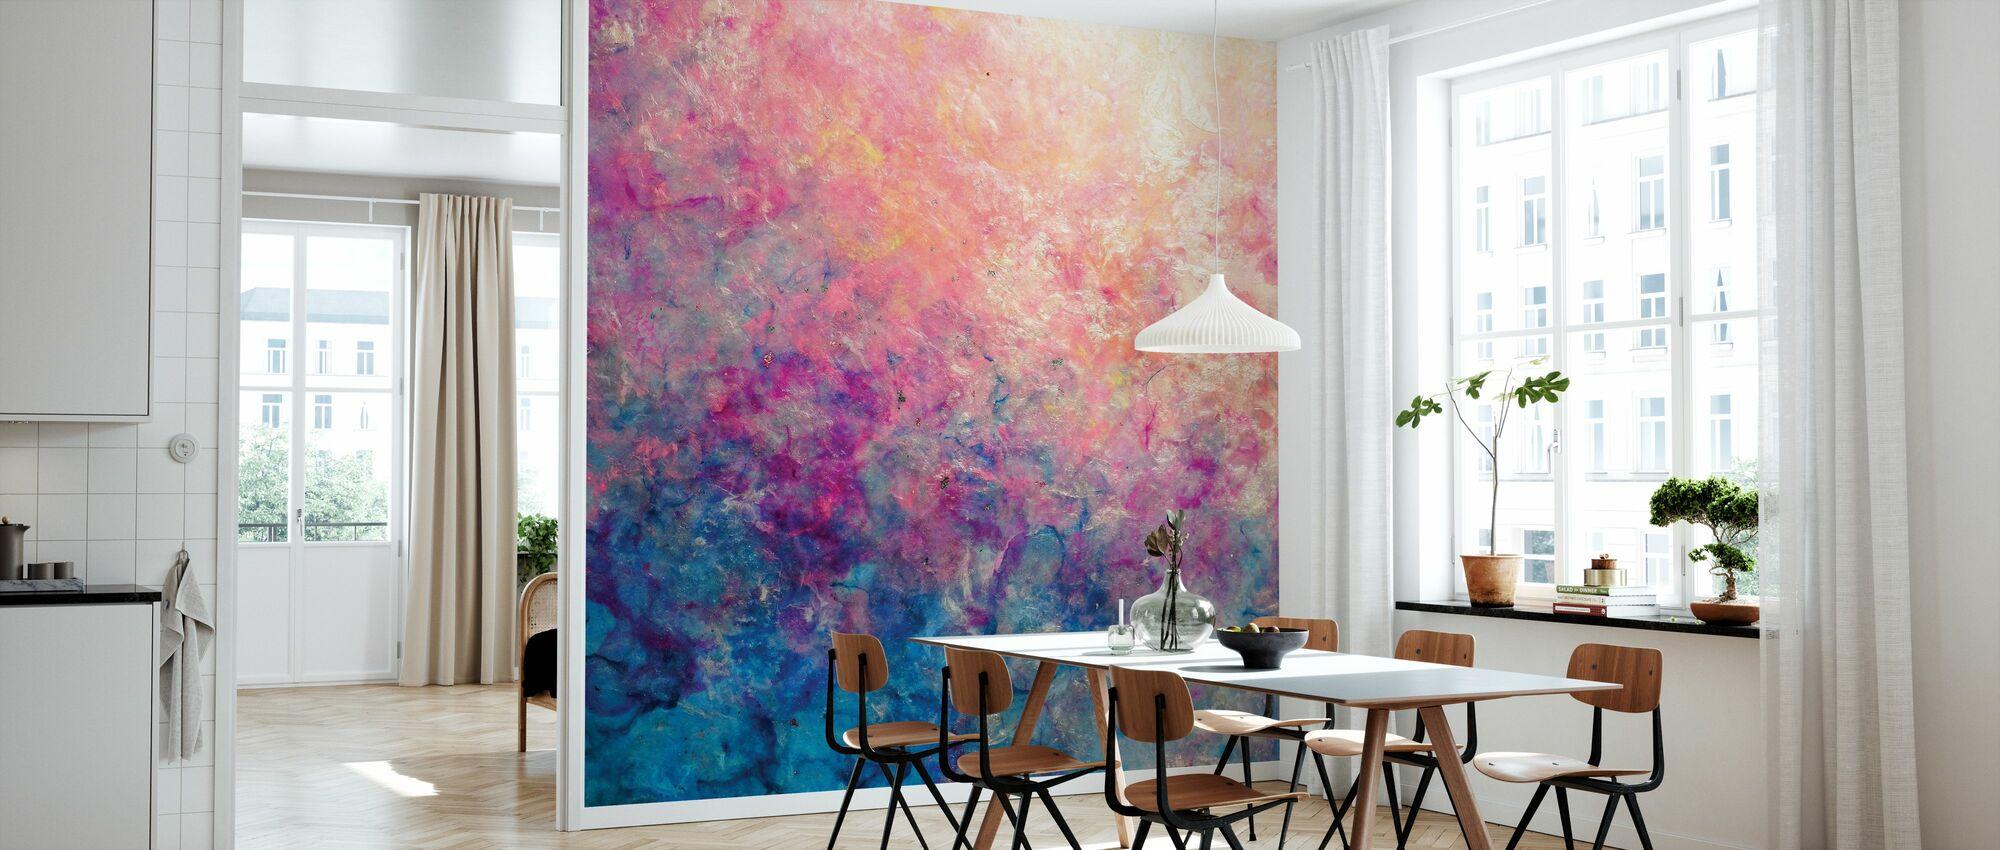 Coastal Sunset - Wallpaper - Kitchen